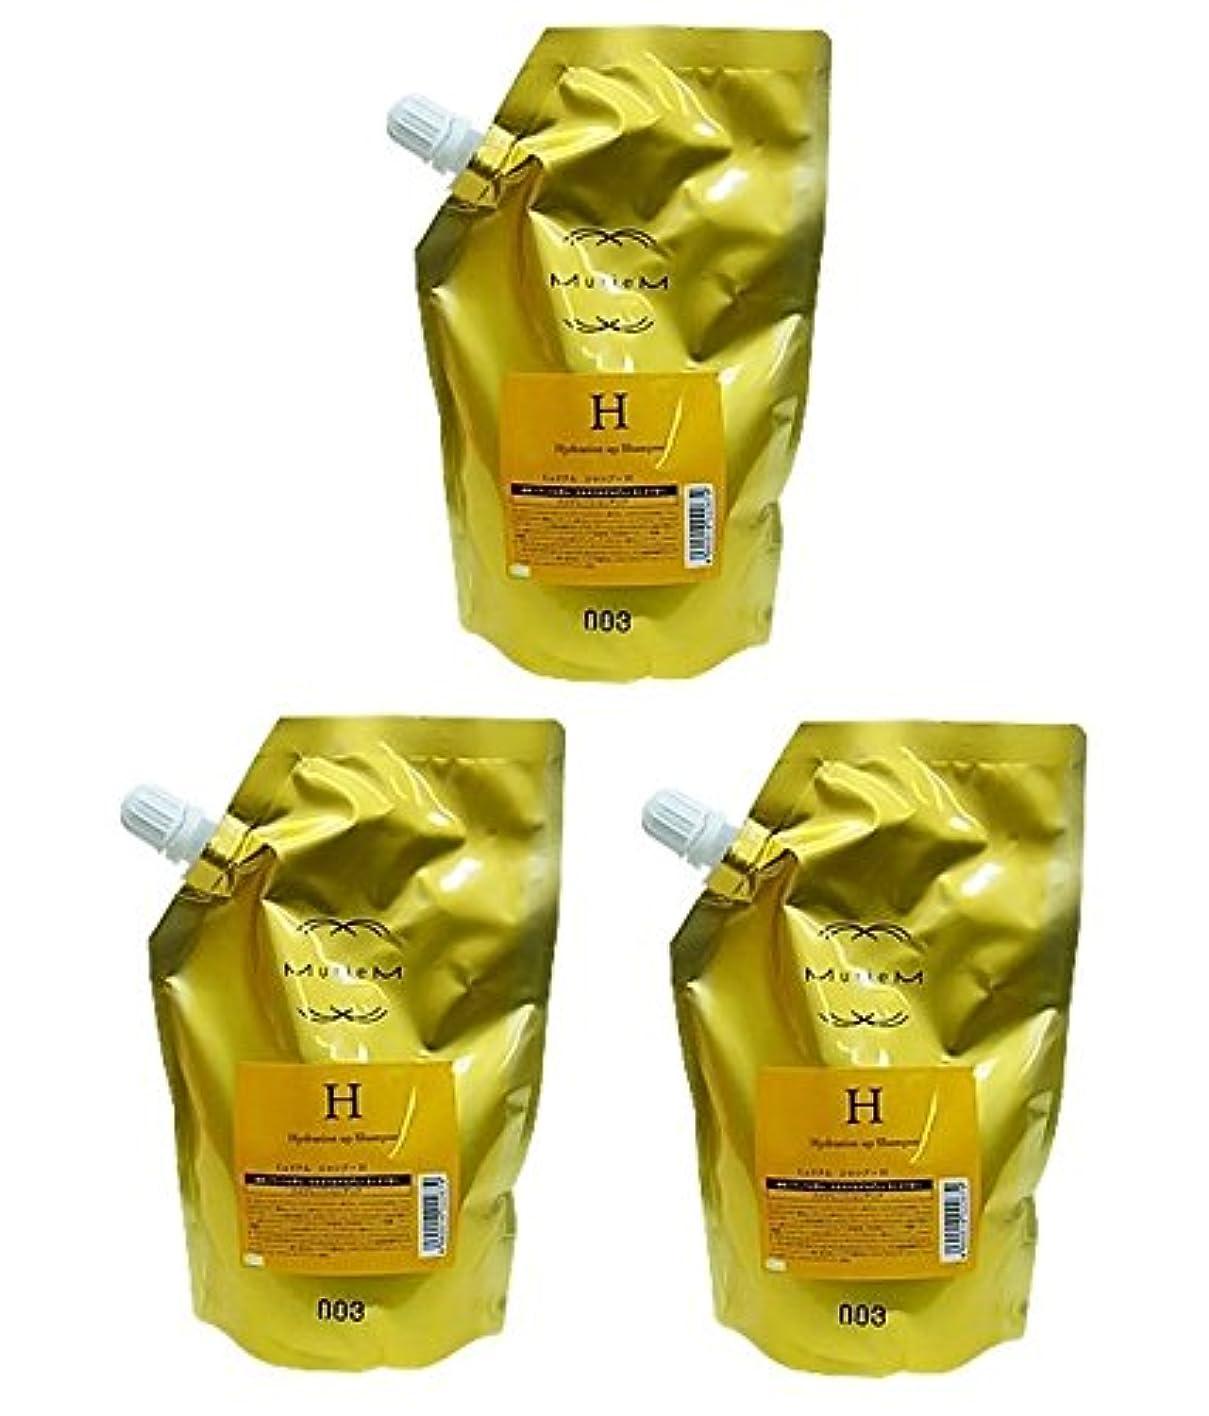 取得する提供するダブル【X3個セット】 ナンバースリー ミュリアム ゴールド シャンプー H 500ml 詰替え用